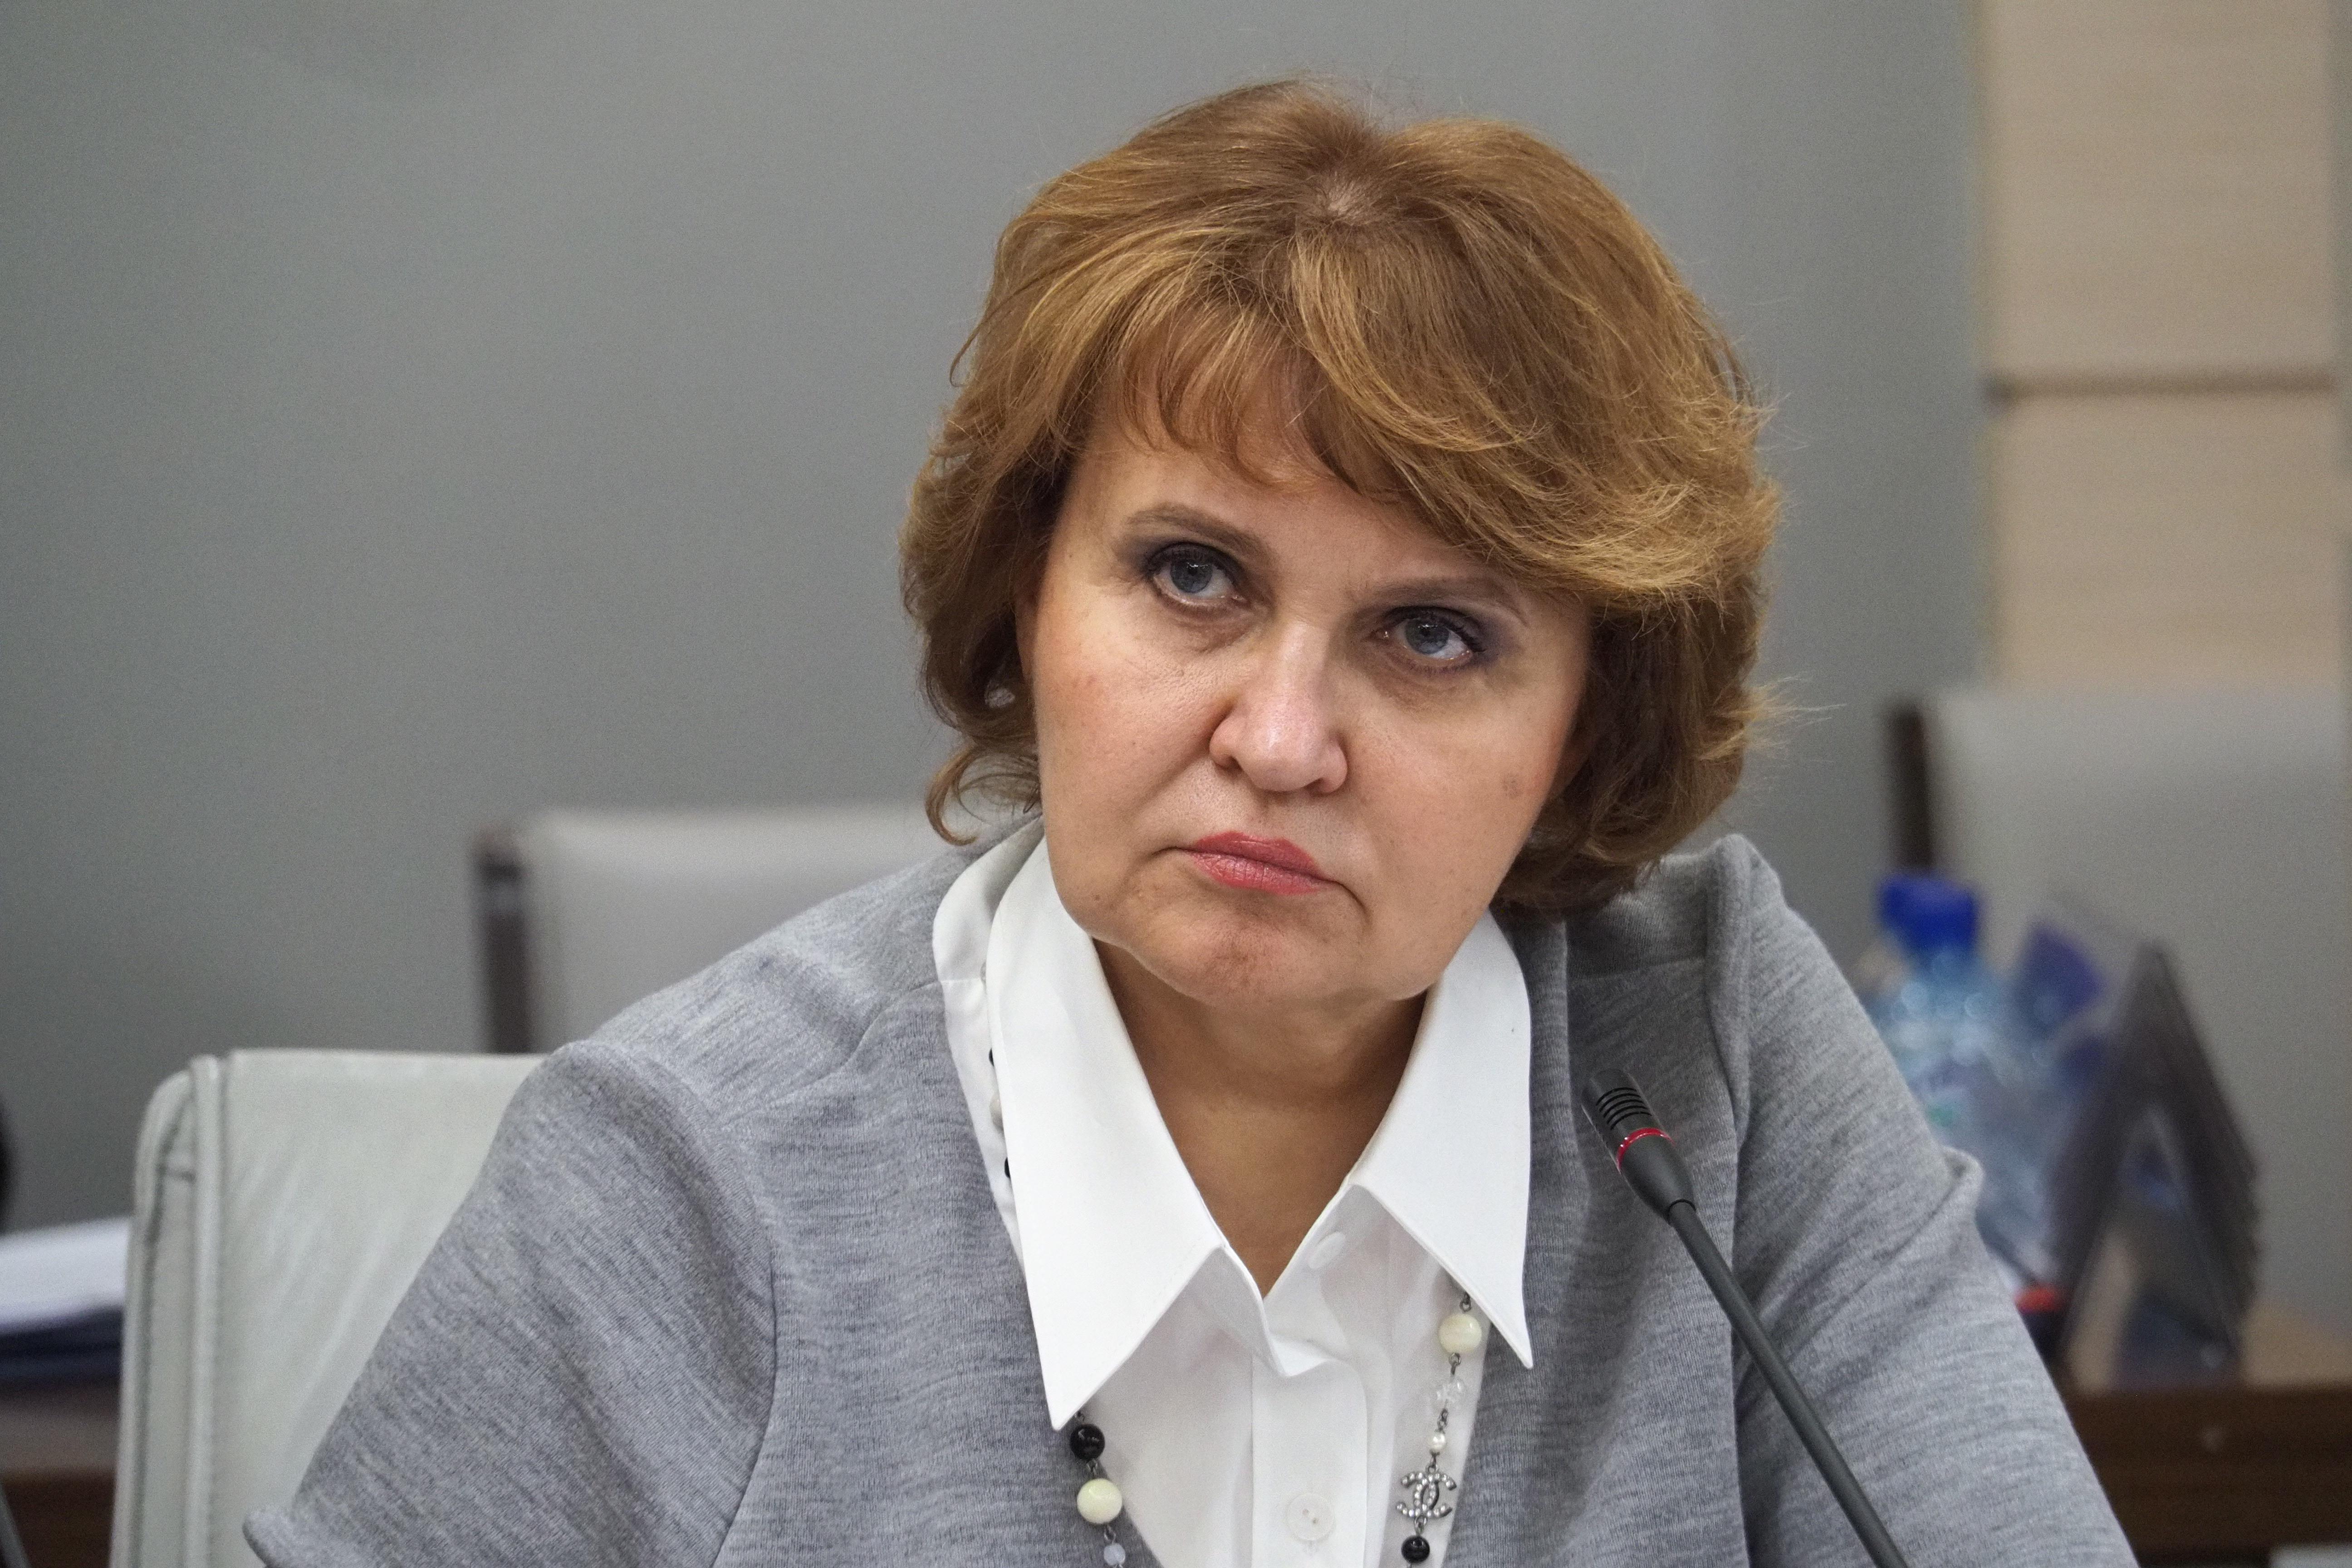 Депутат МГД Гусева: Всесторонняя поддержка предпринимателей – приоритет Правительства Москвы